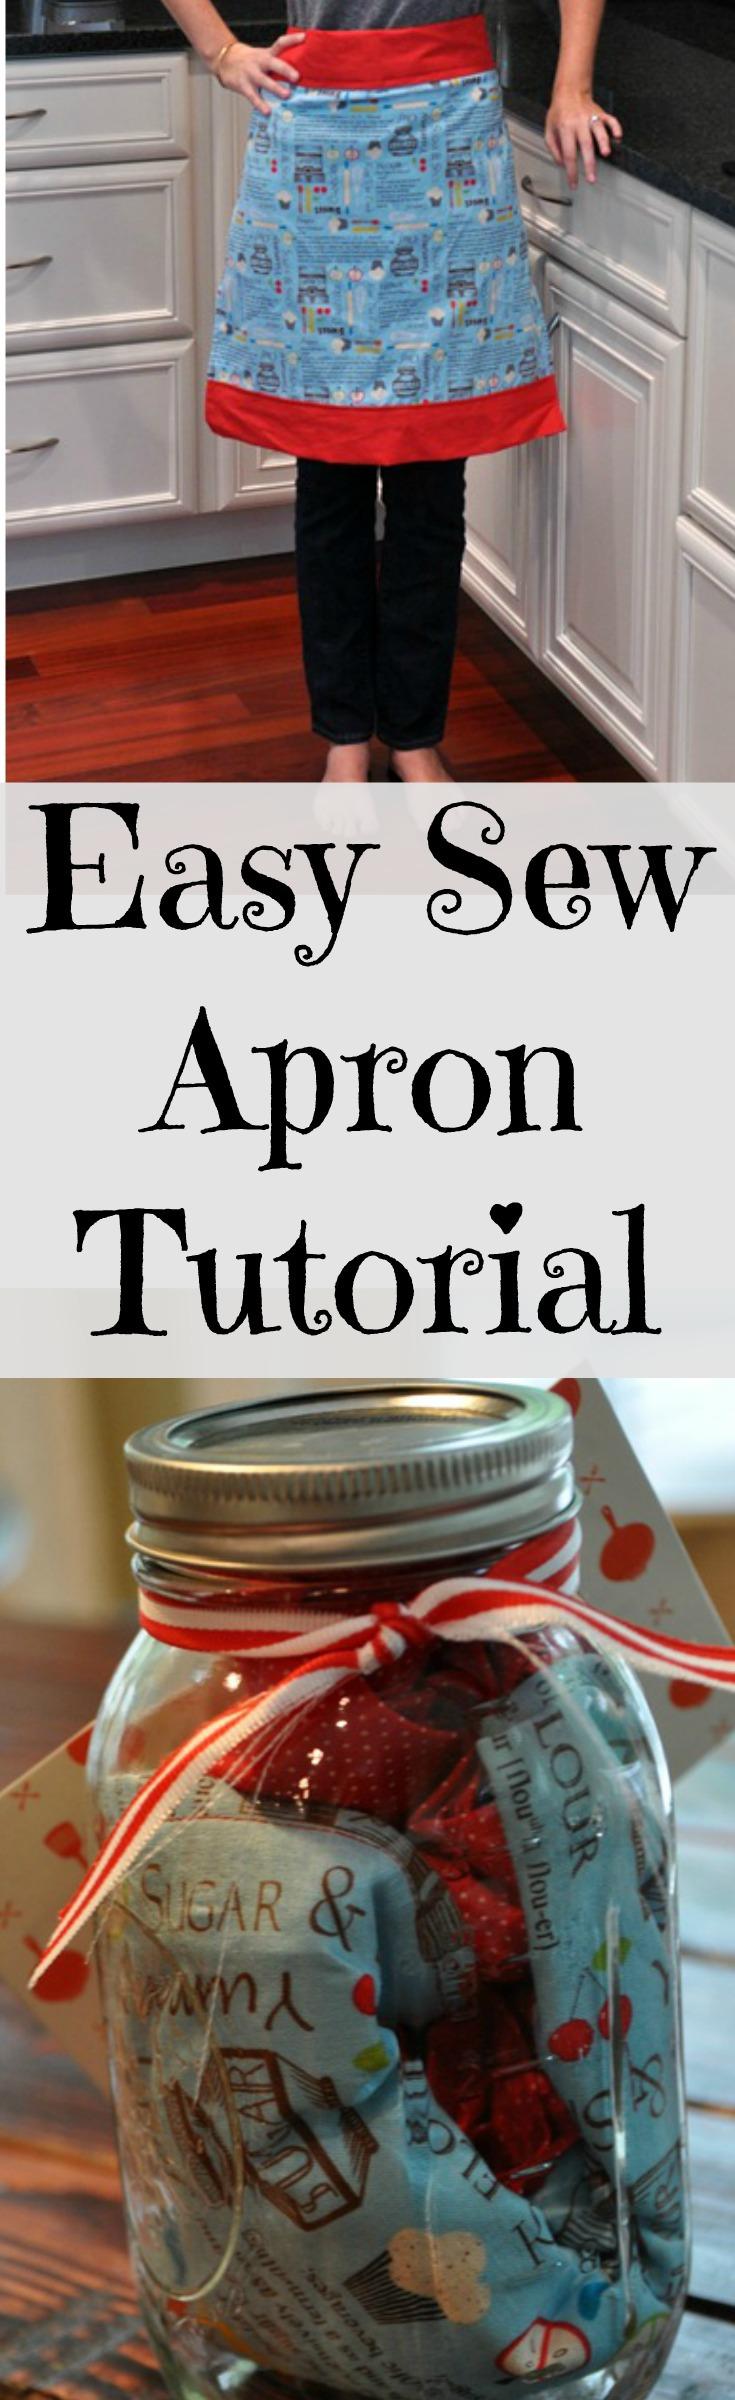 Easy Sew Apron Tutorial.  Gift it in a Mason jar!.jpg